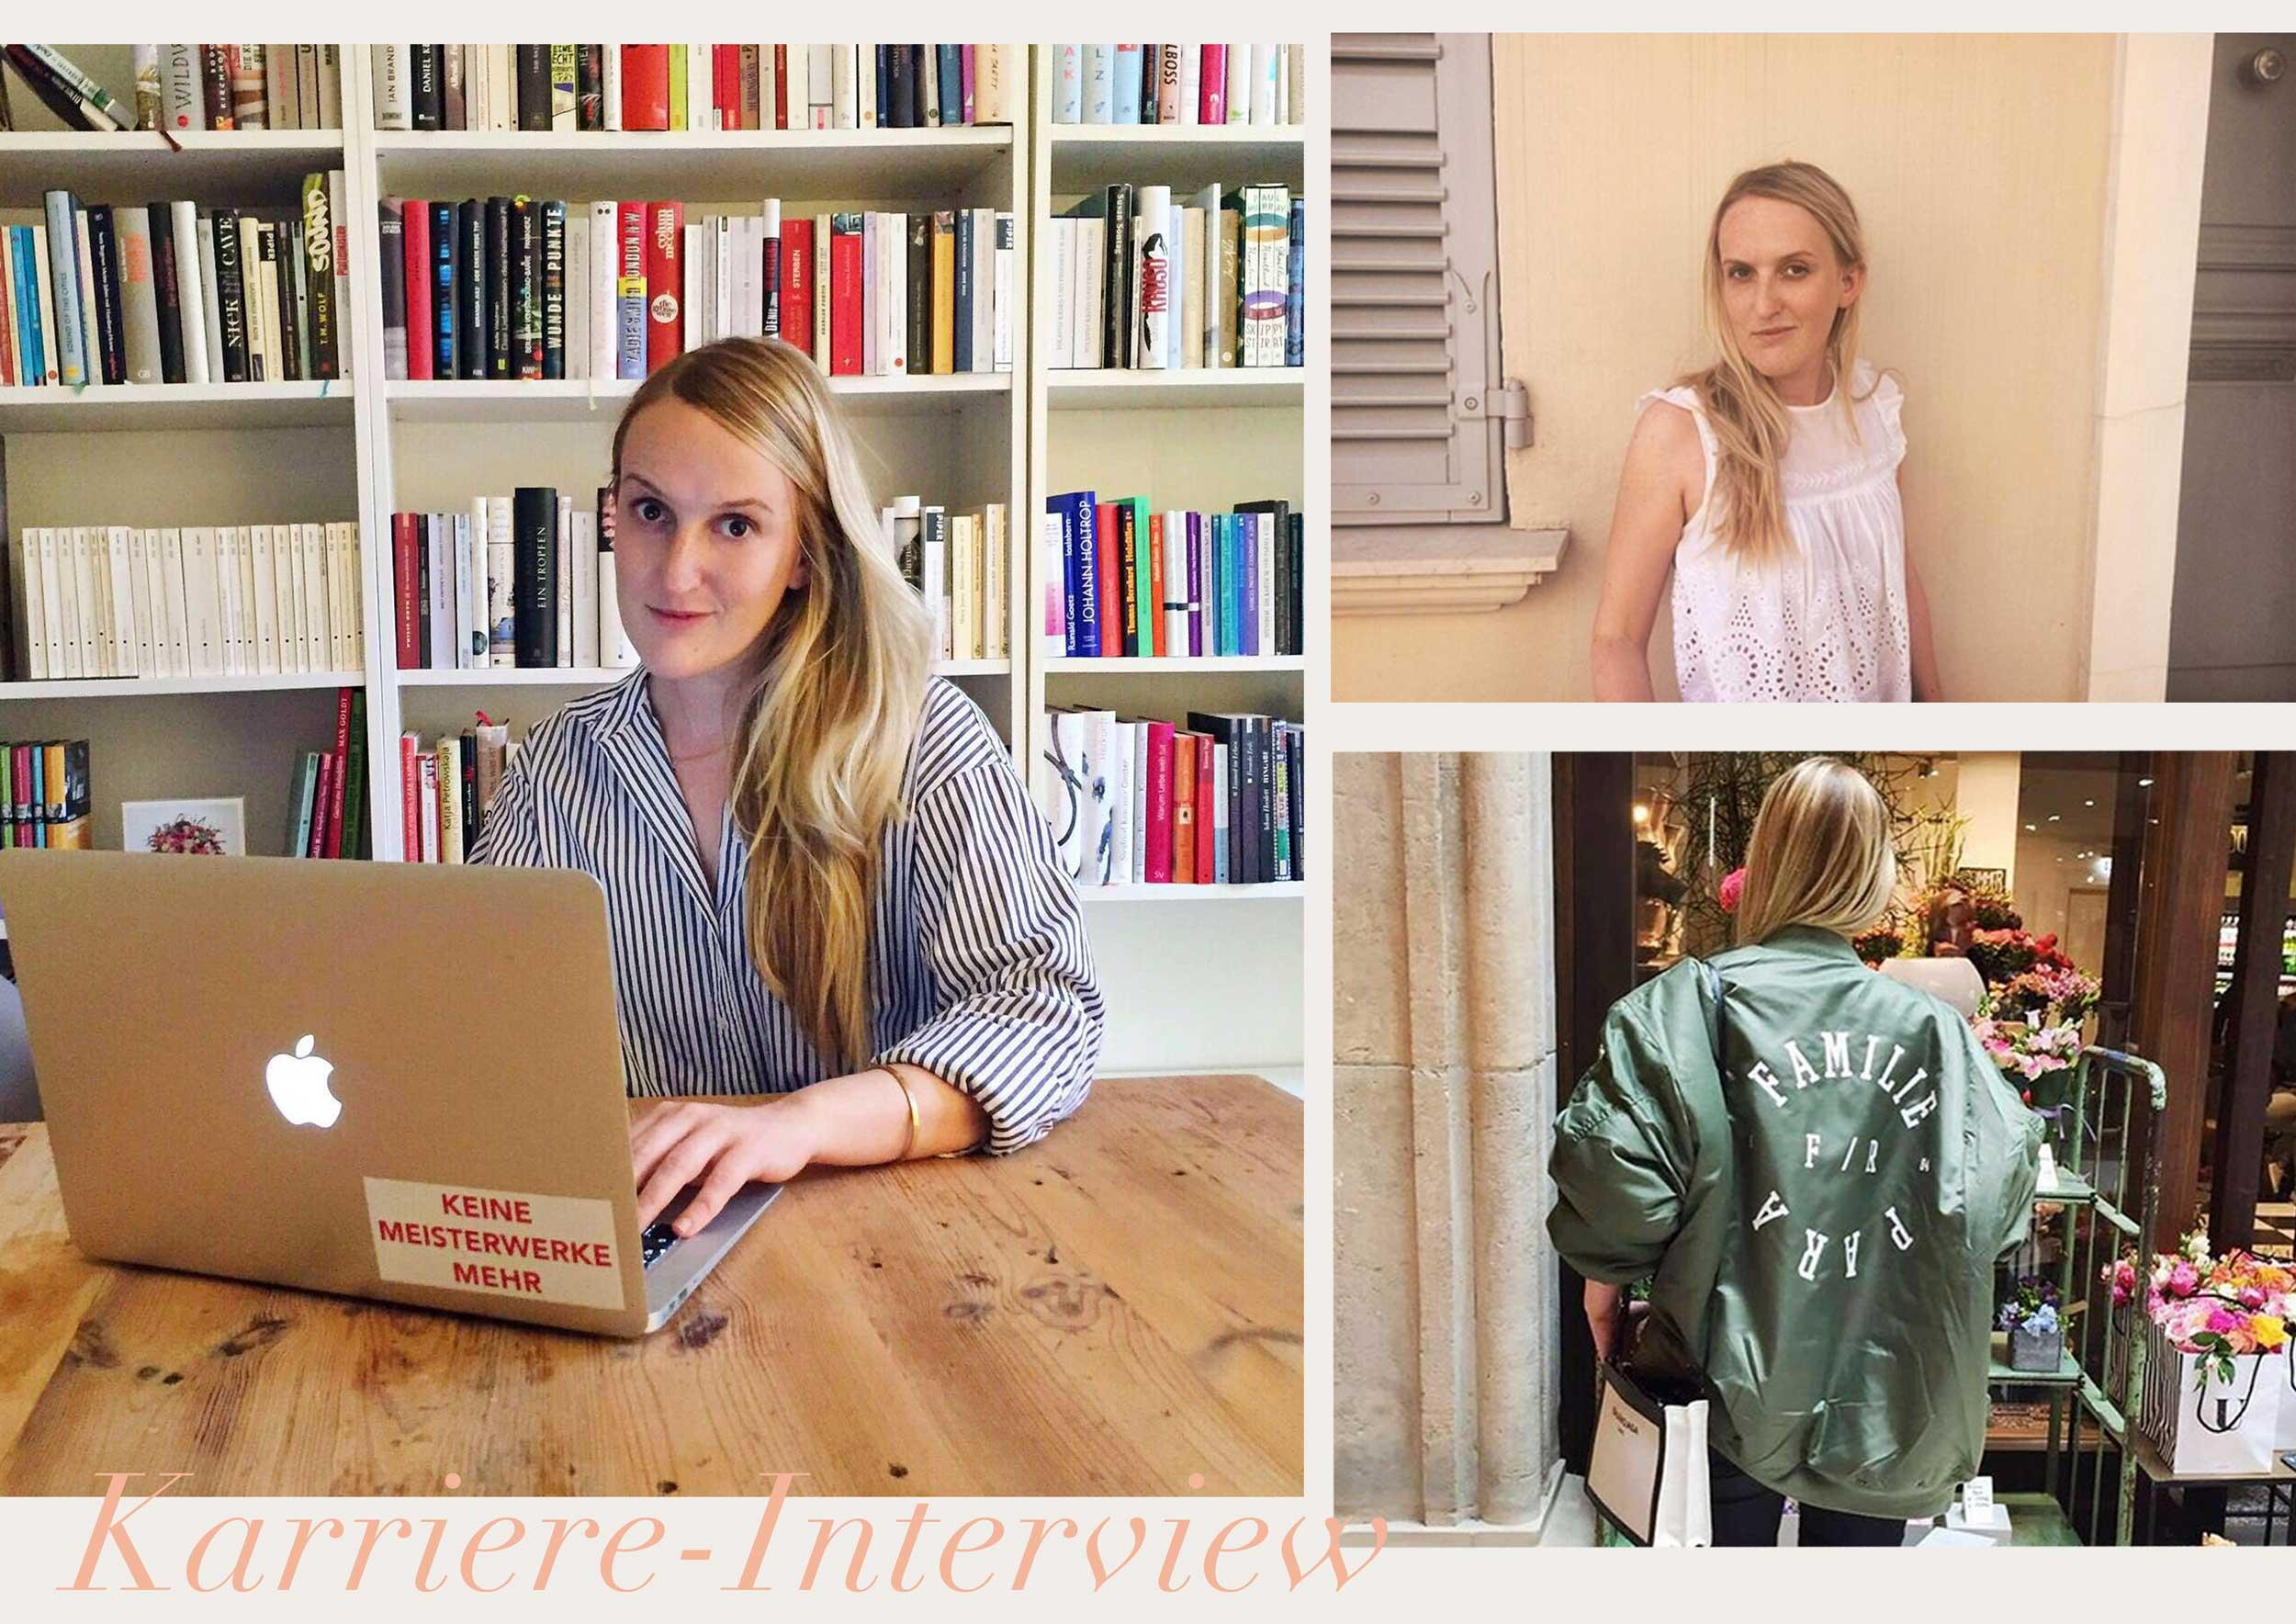 header-karriere-interview-ricarda-landgrebe